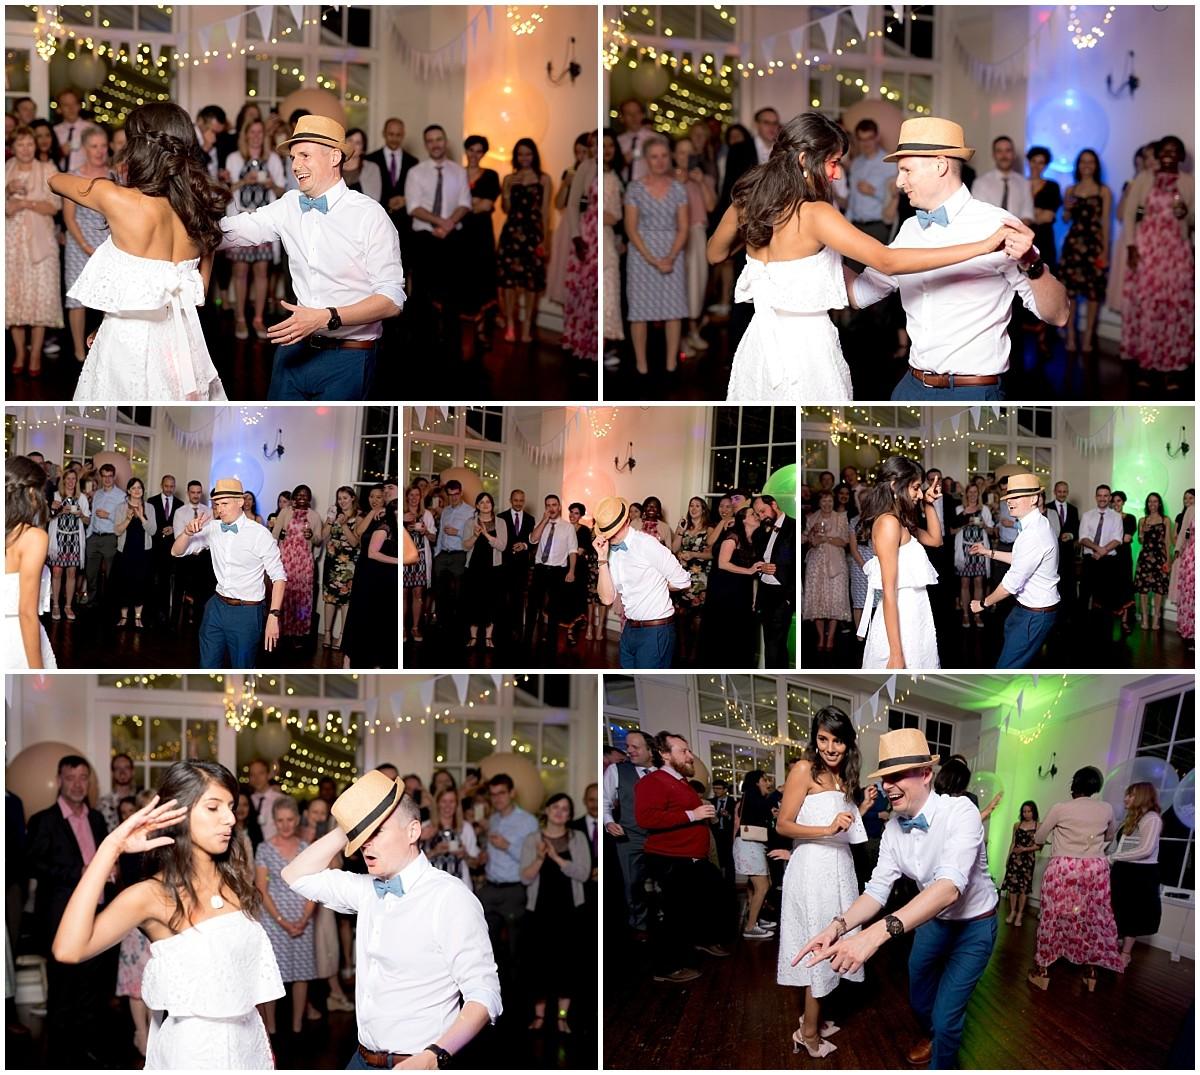 Dance floor shots